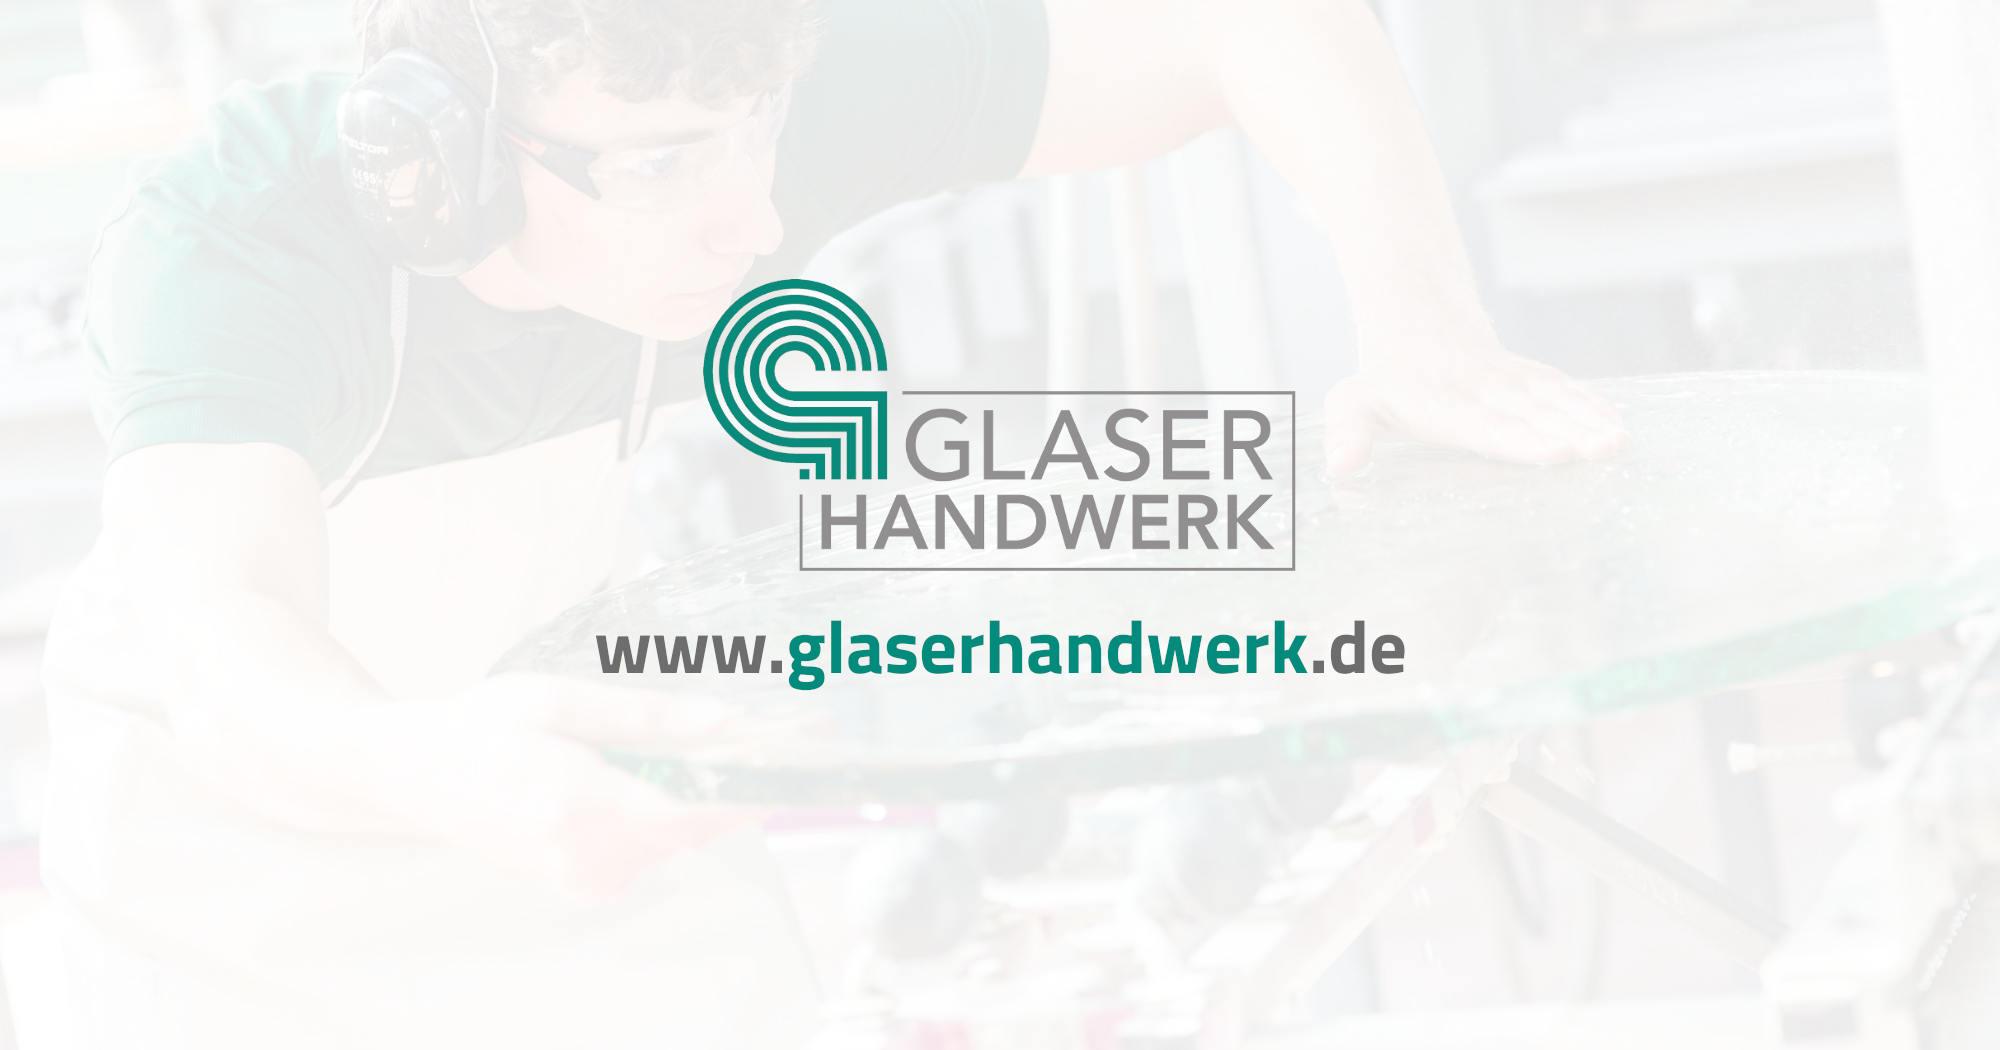 OpenGraph: Facebook • BIV Bundesinnungsverband des Glaserhandwerks